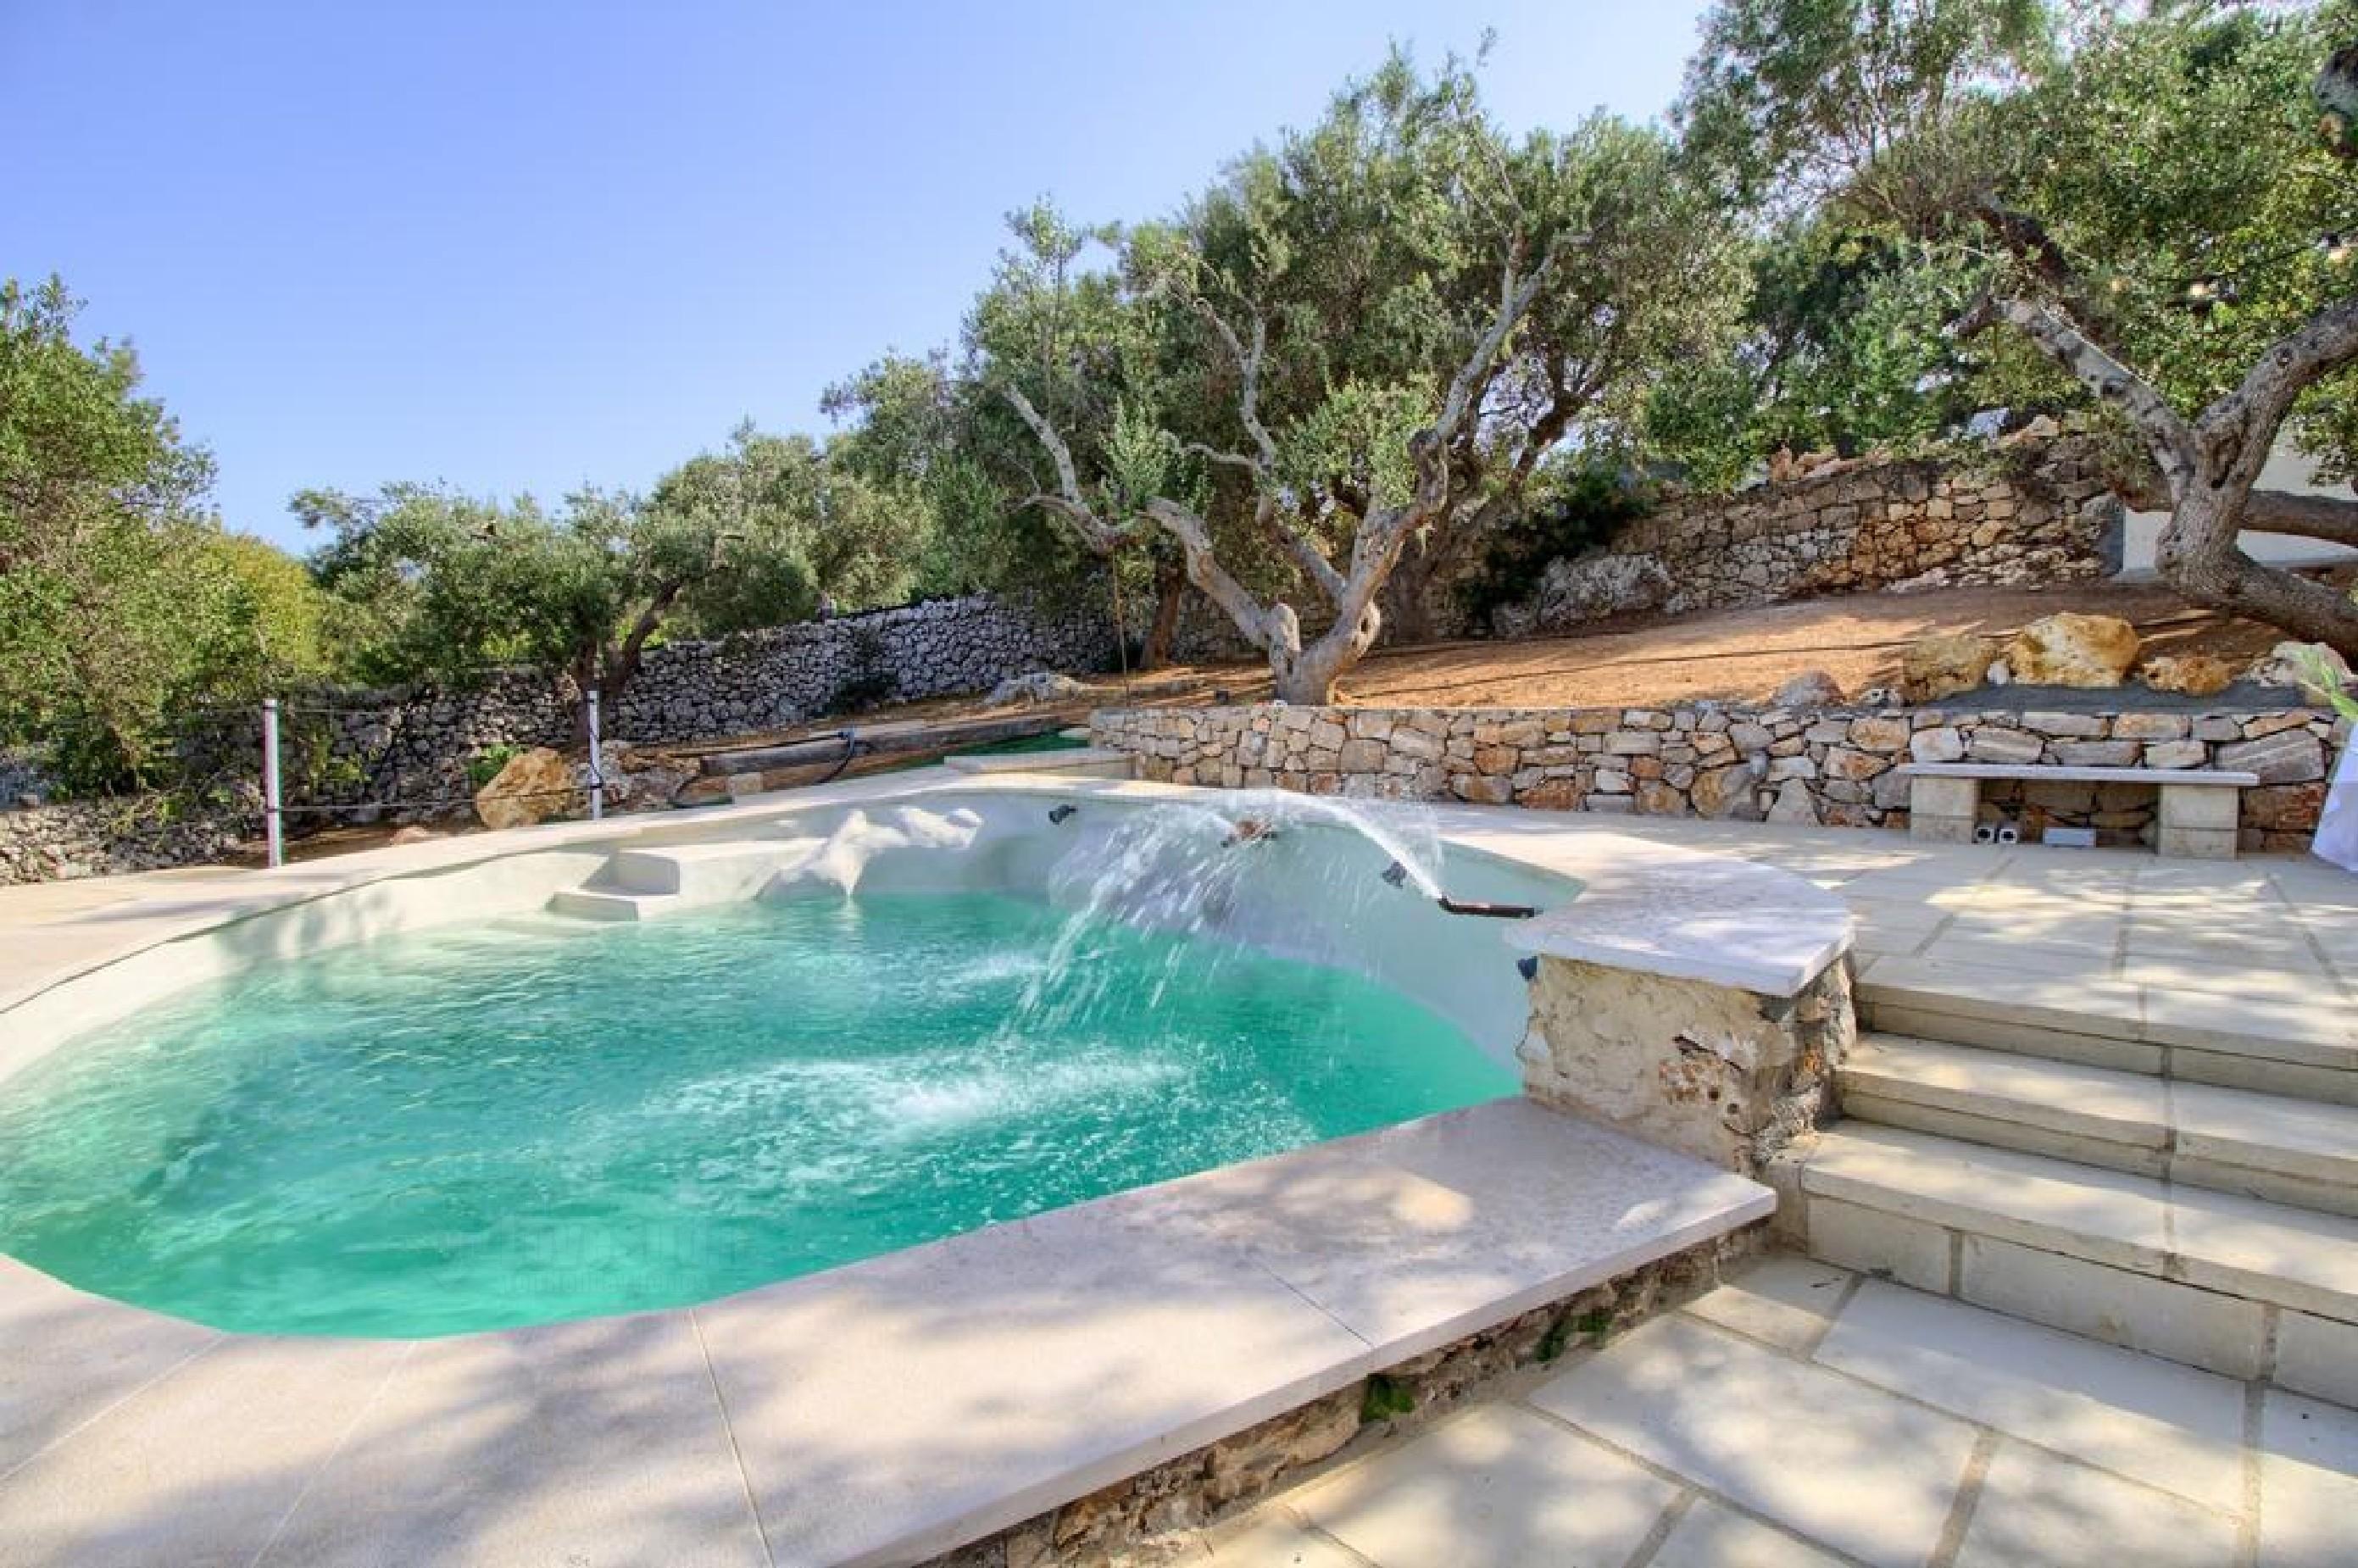 Apartment Albachiara pool house photo 20235985